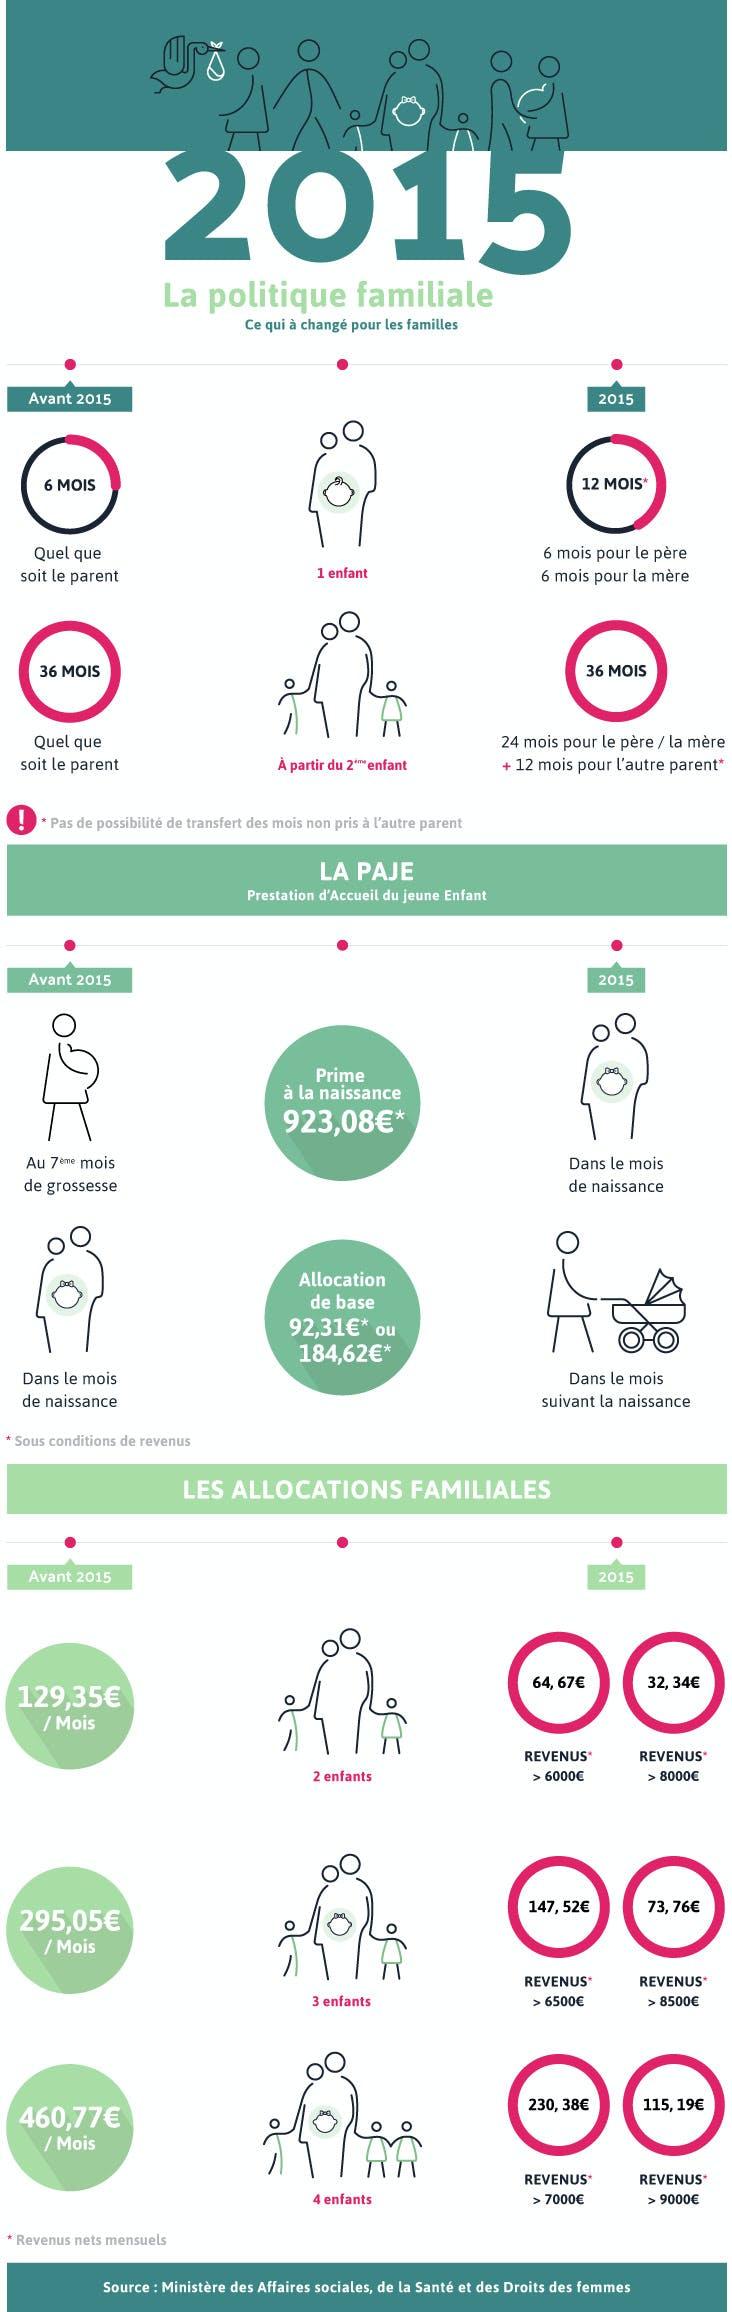 Infographie : réforme de la politique familiale en 2015